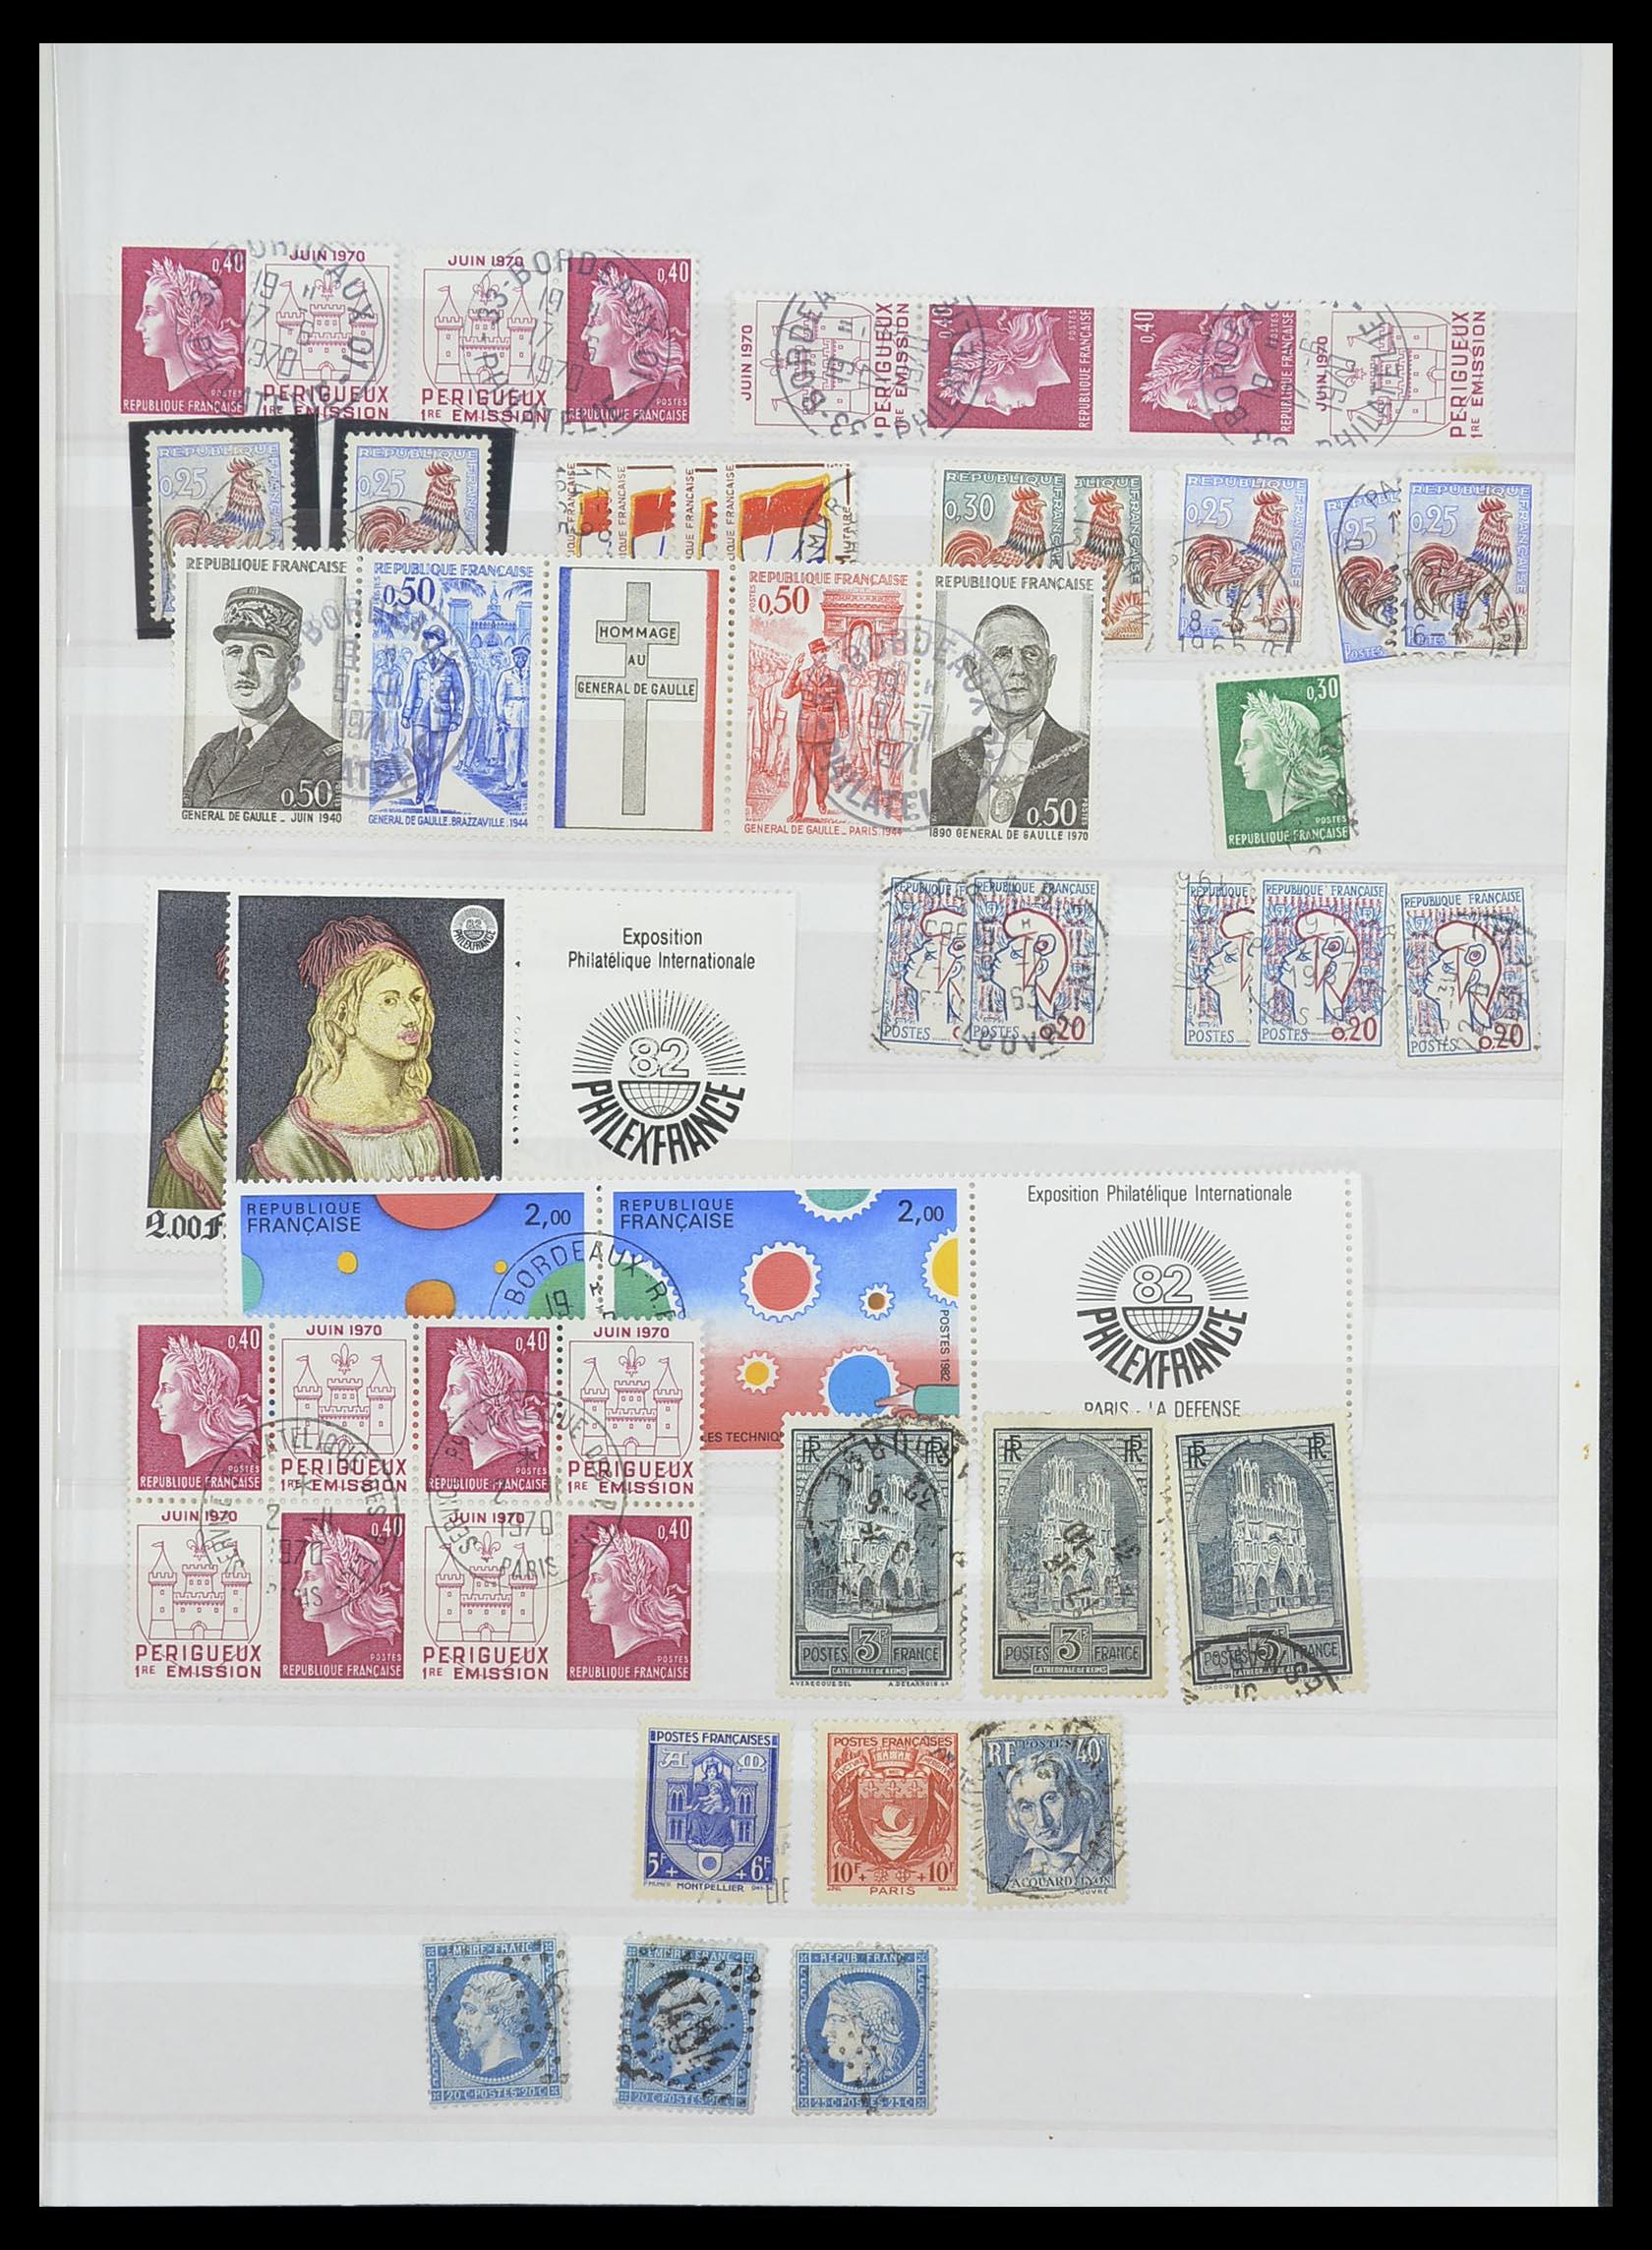 33819 001 - Postzegelverzameling 33819 Frankrijk 1849-1988.